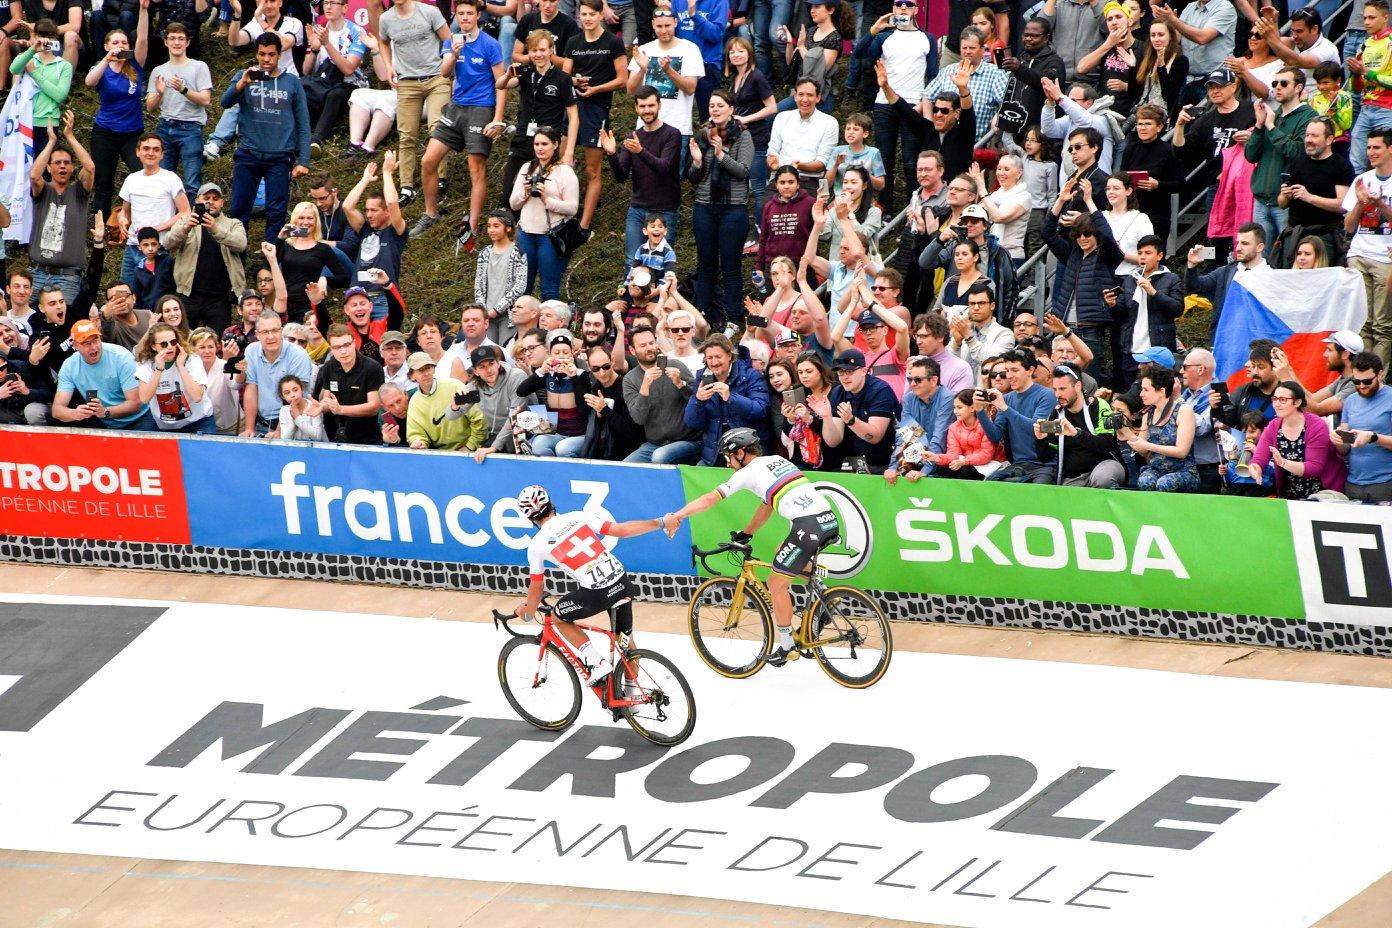 Adoquín Roubaix JoanSeguidor